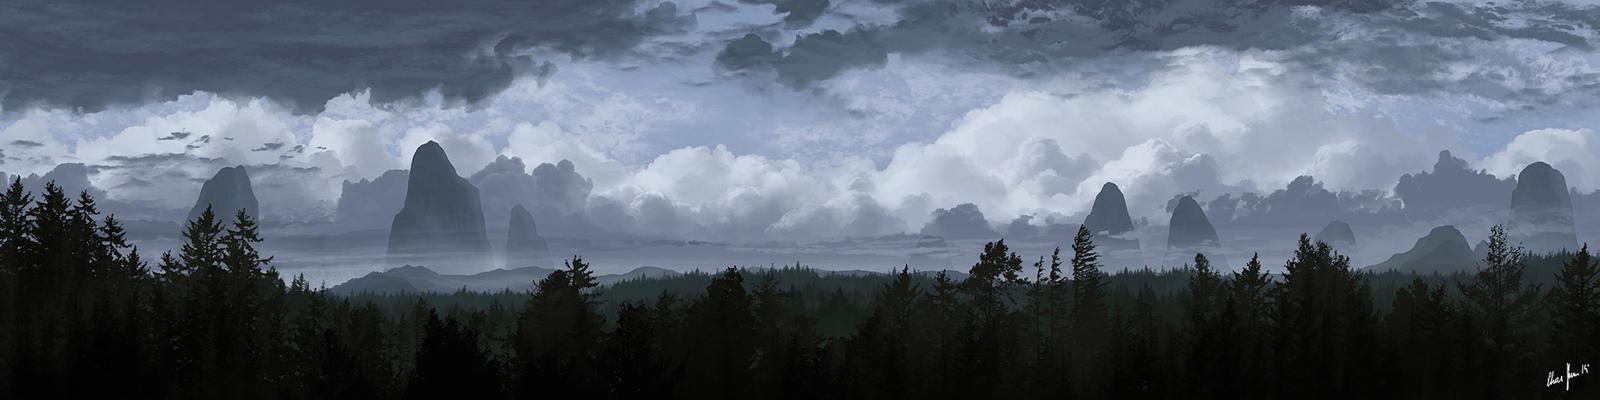 Dark Clouds 02 by LordDoomhammer